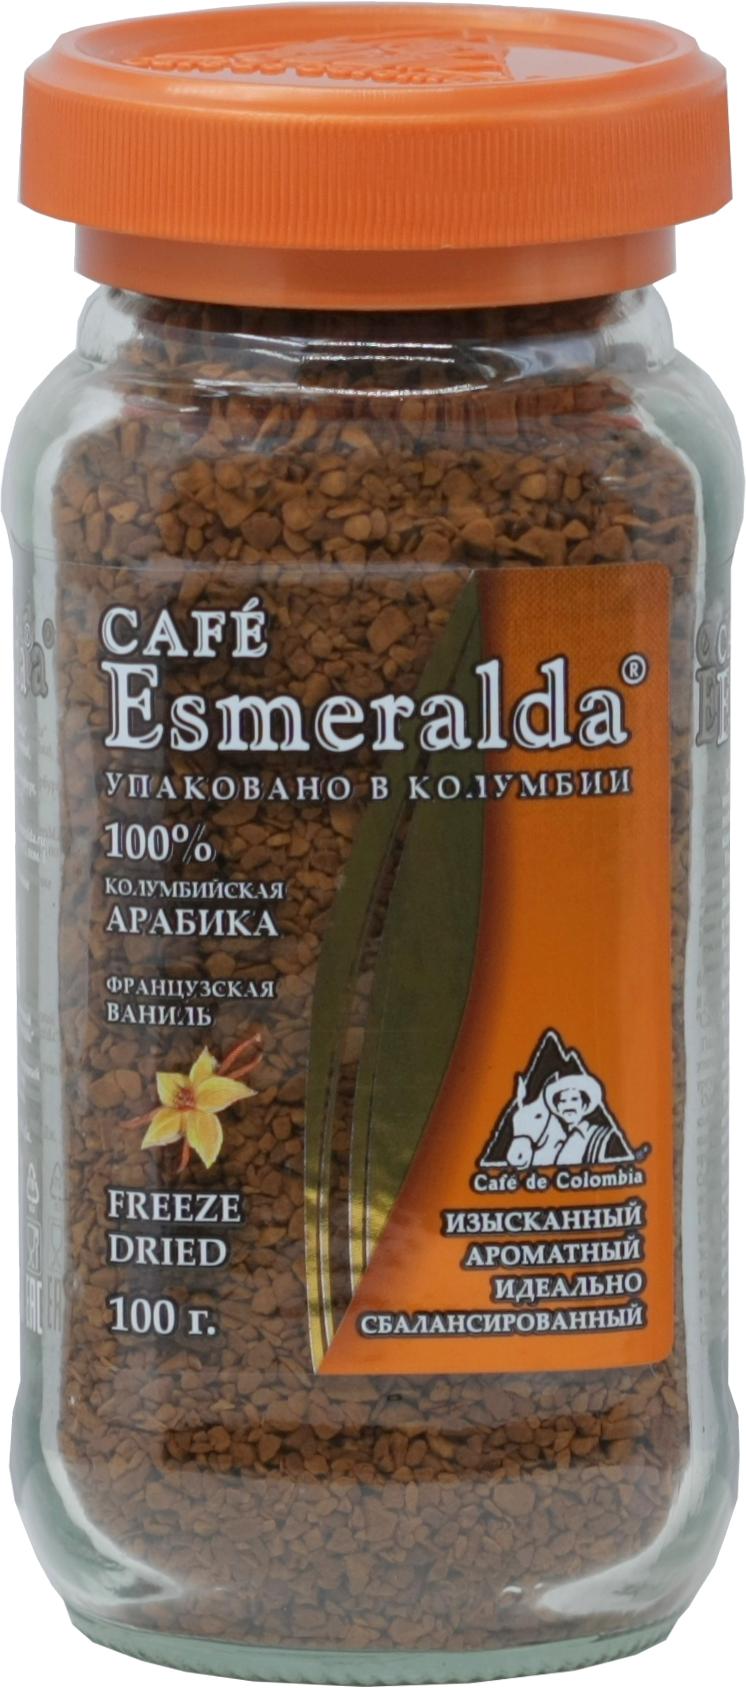 Cafe Esmeralda. Cafe Esmeralda французская ваниль 100 гр. стекл.банка